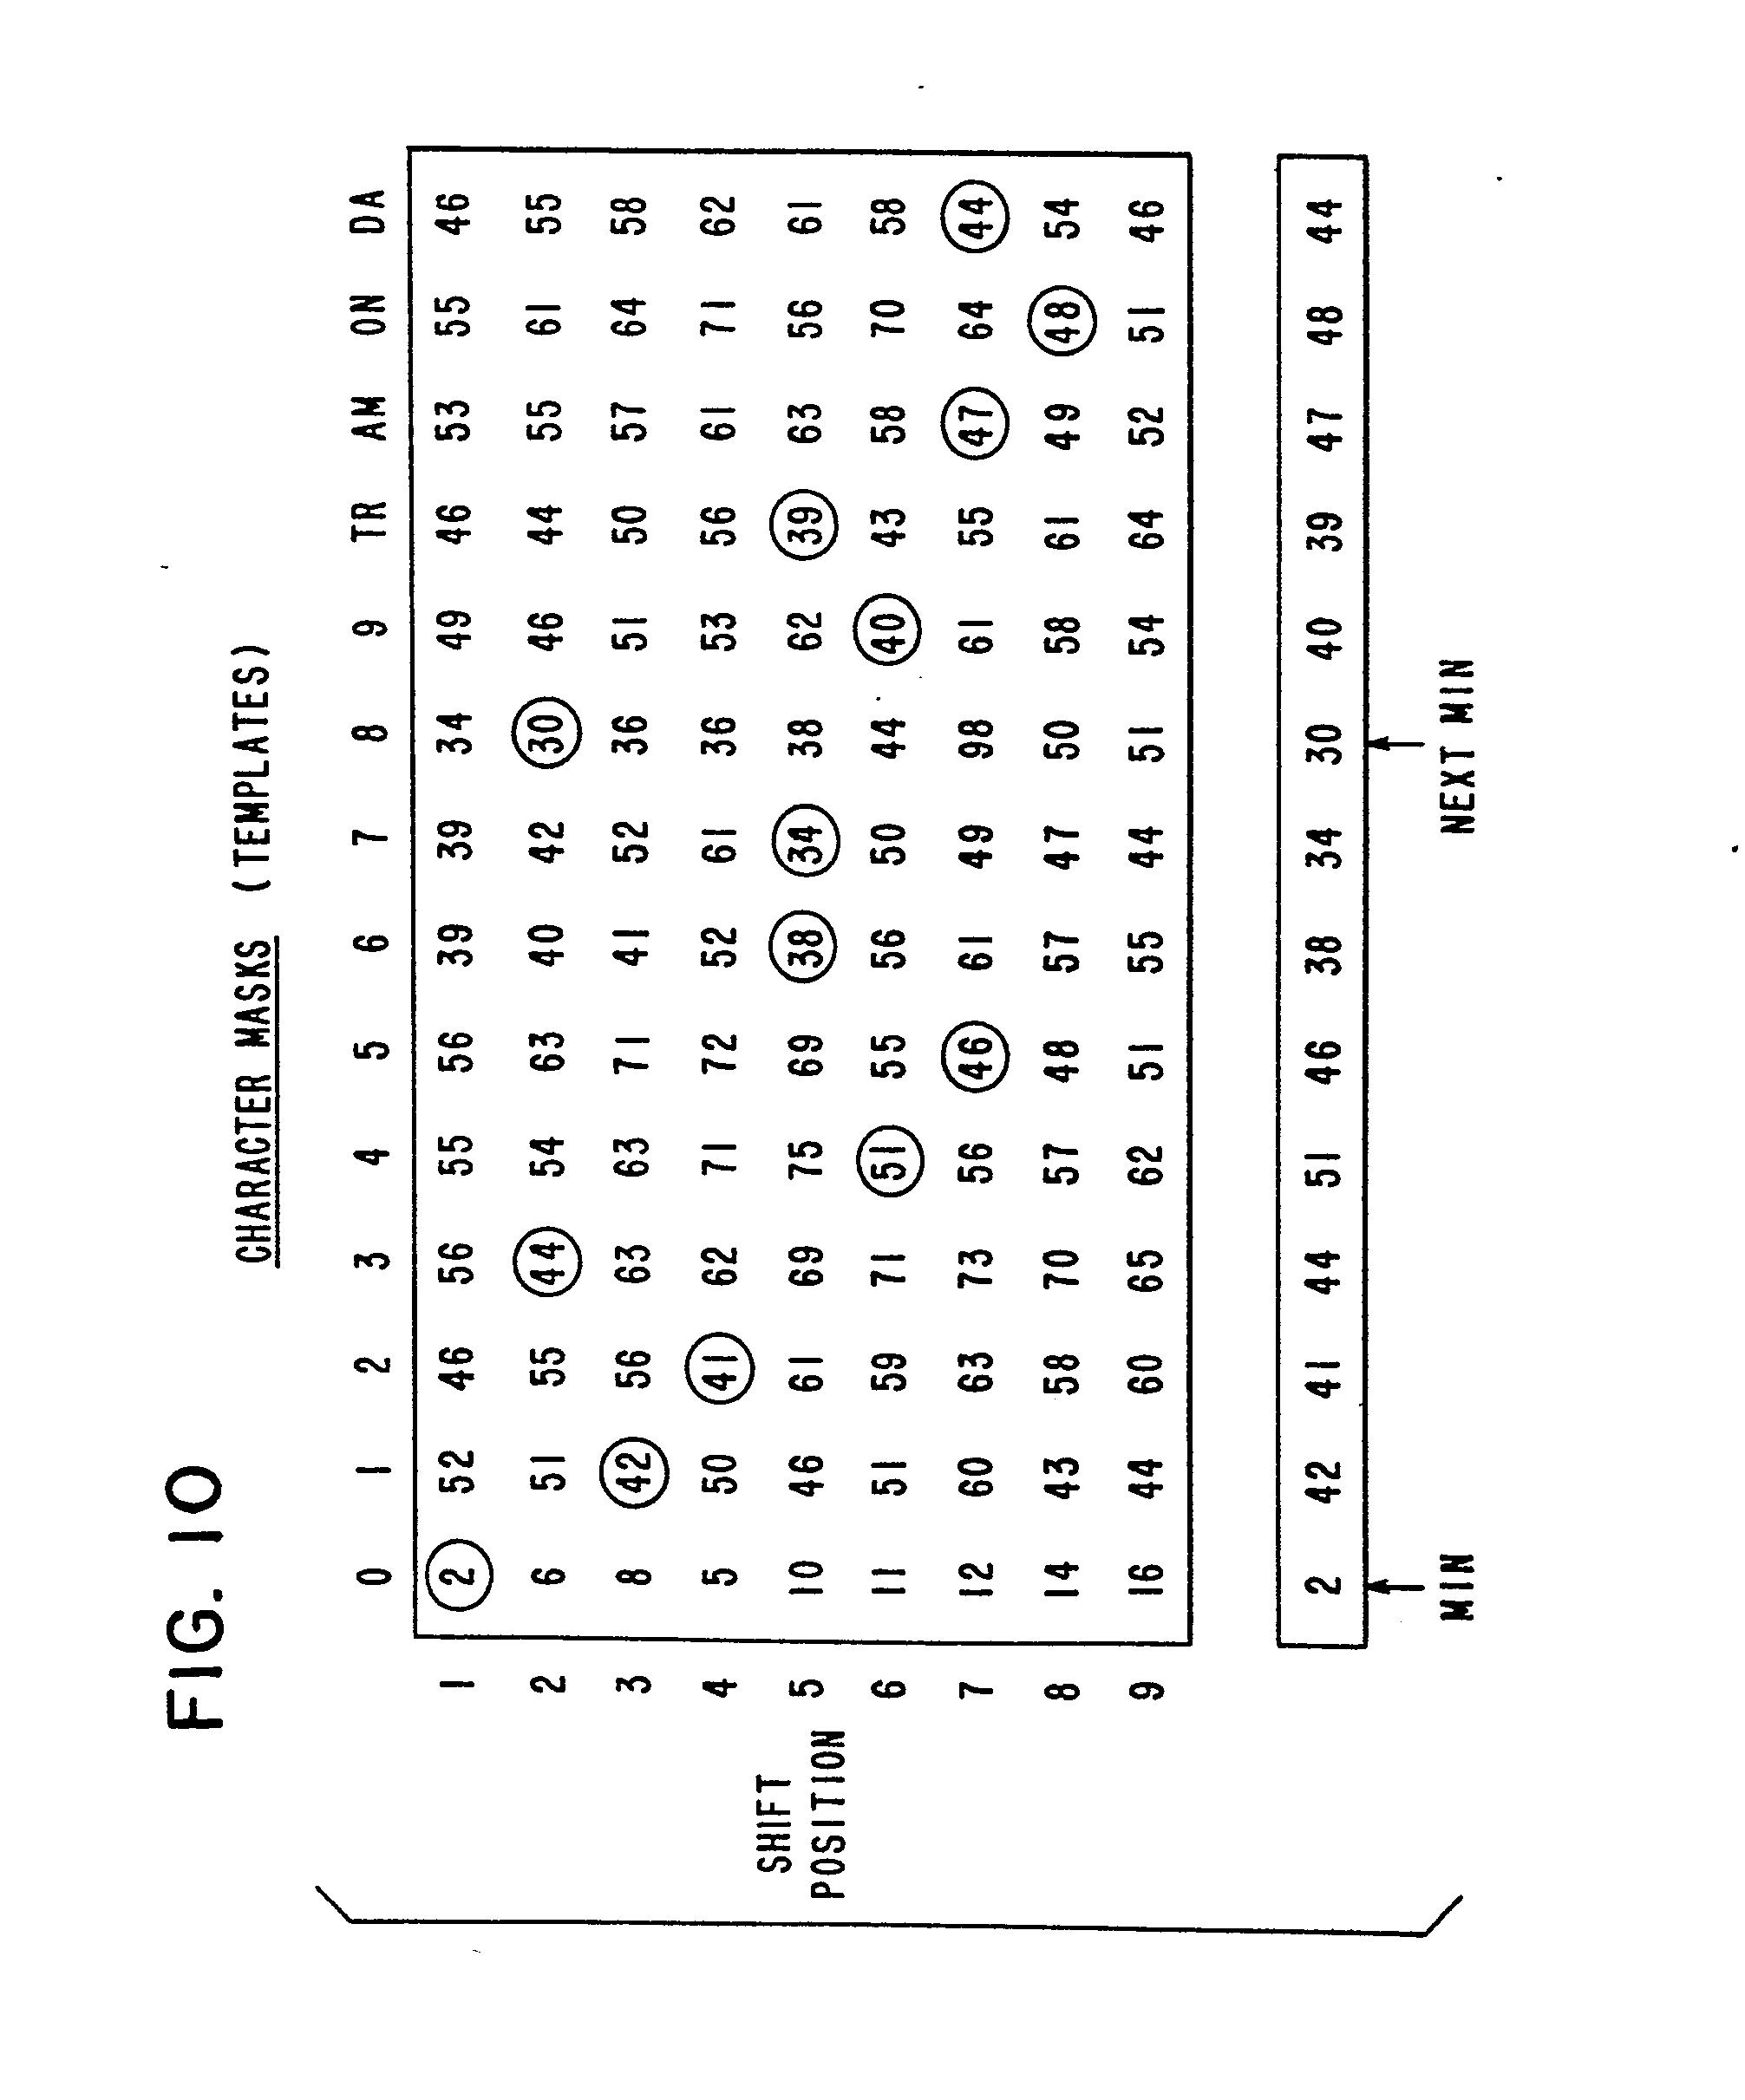 patent ep0063454a2 verfahren zum erkennen von maschinell kodierten zeichen google patentsuche. Black Bedroom Furniture Sets. Home Design Ideas